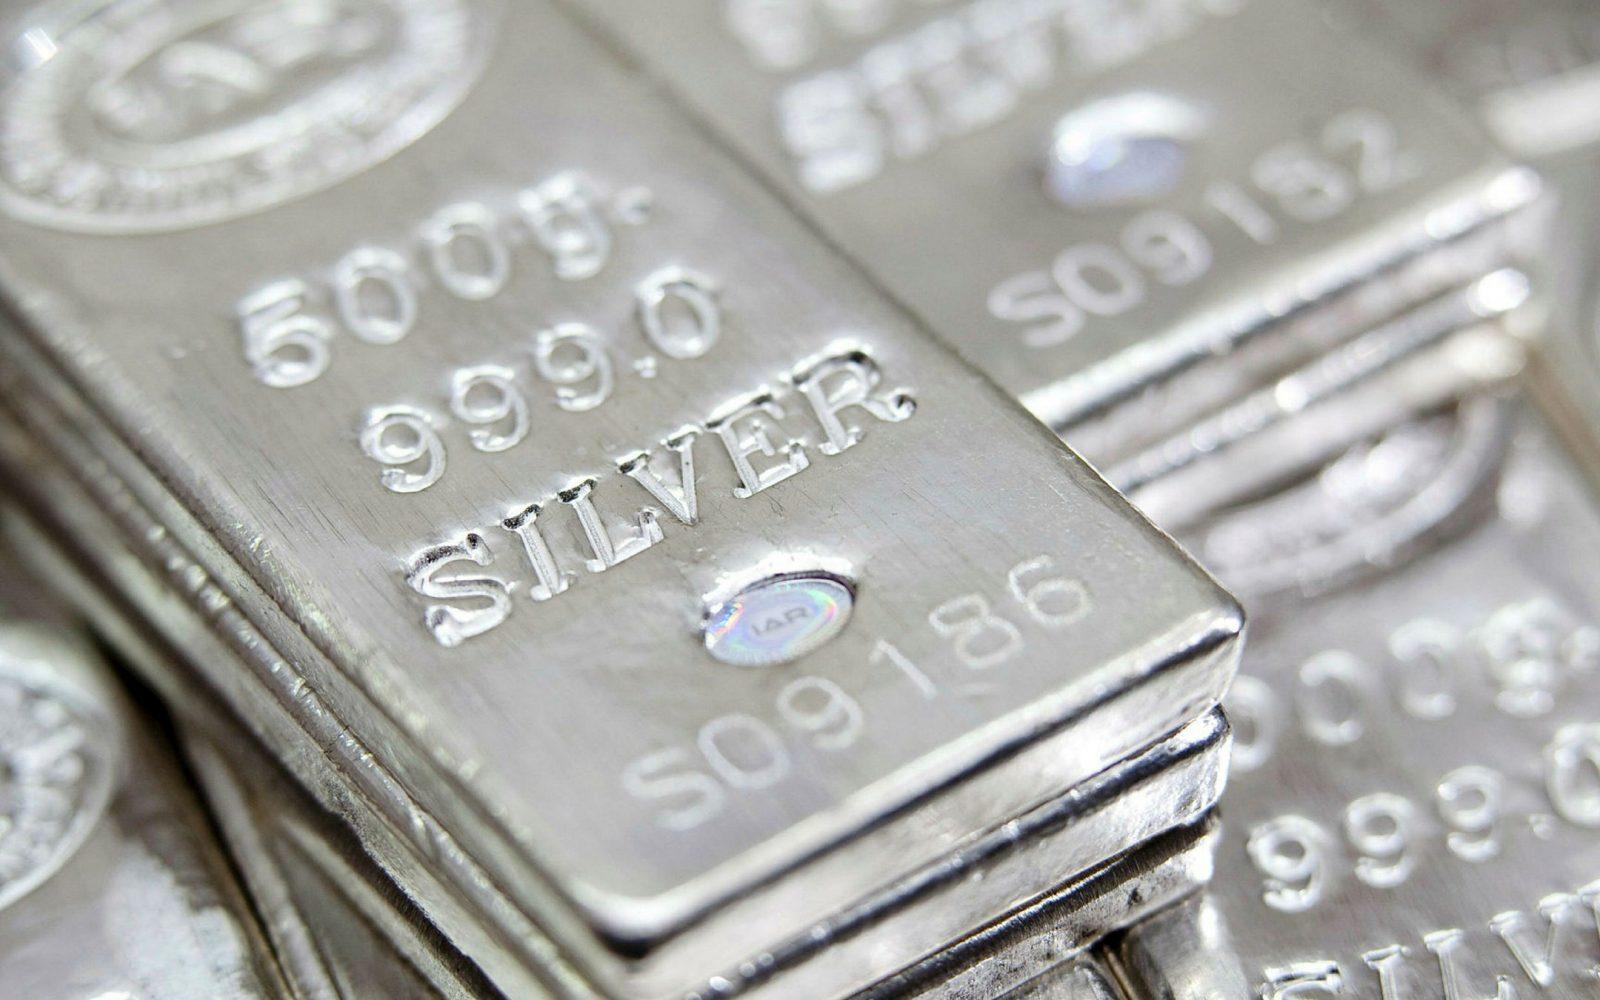 سعر الفضة اليوم في مصر للبيع والشراء 2021 زيادة